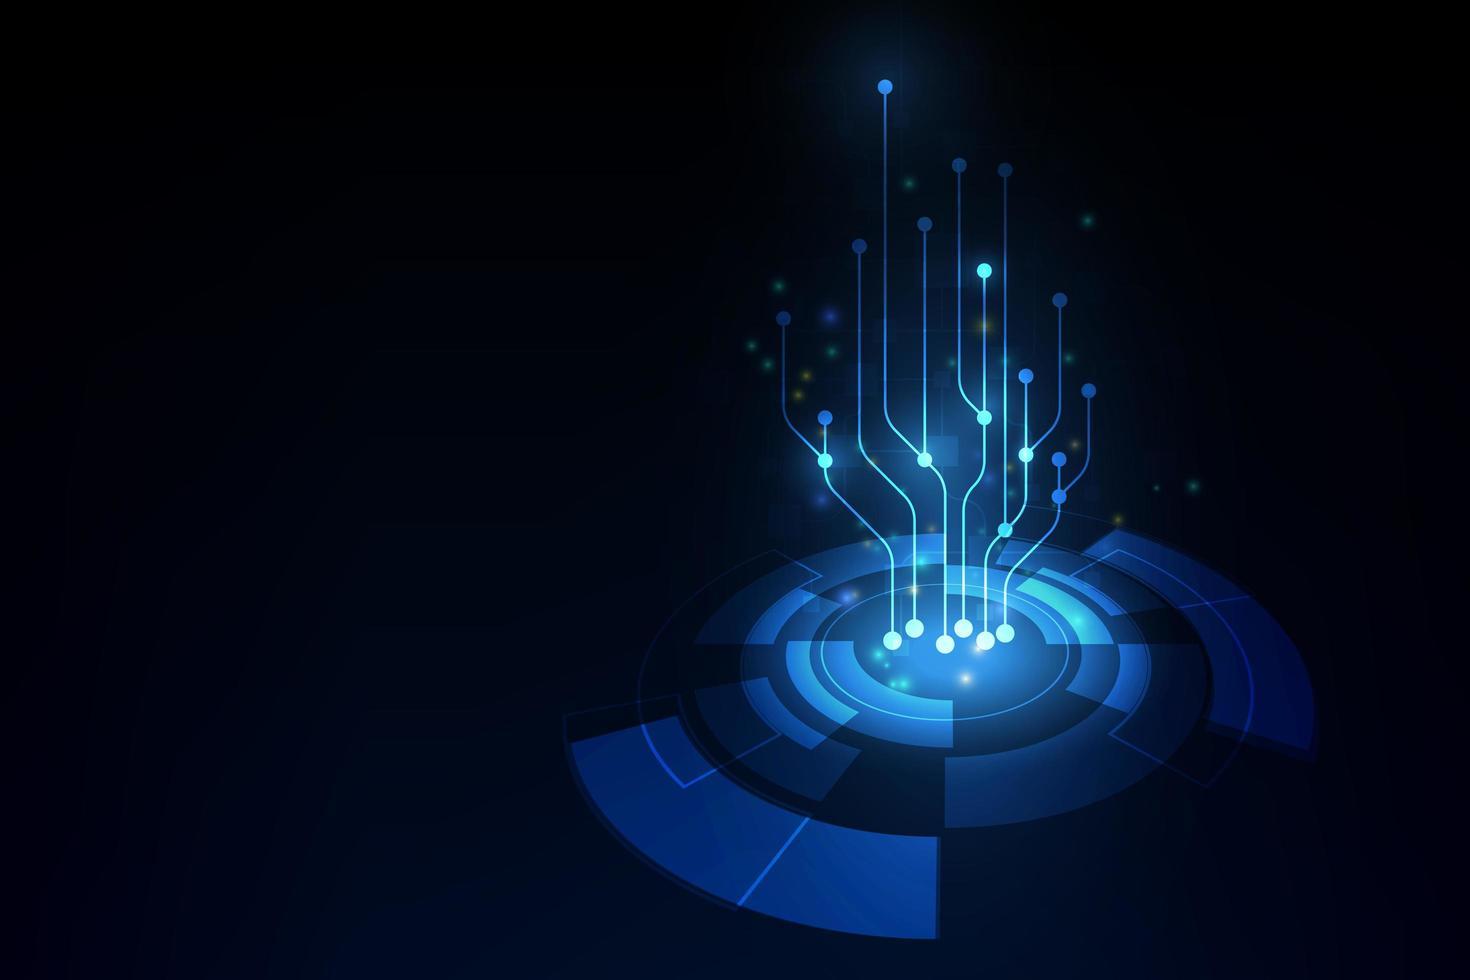 abstrait avec circuit imprimé bleu haute technologie vecteur